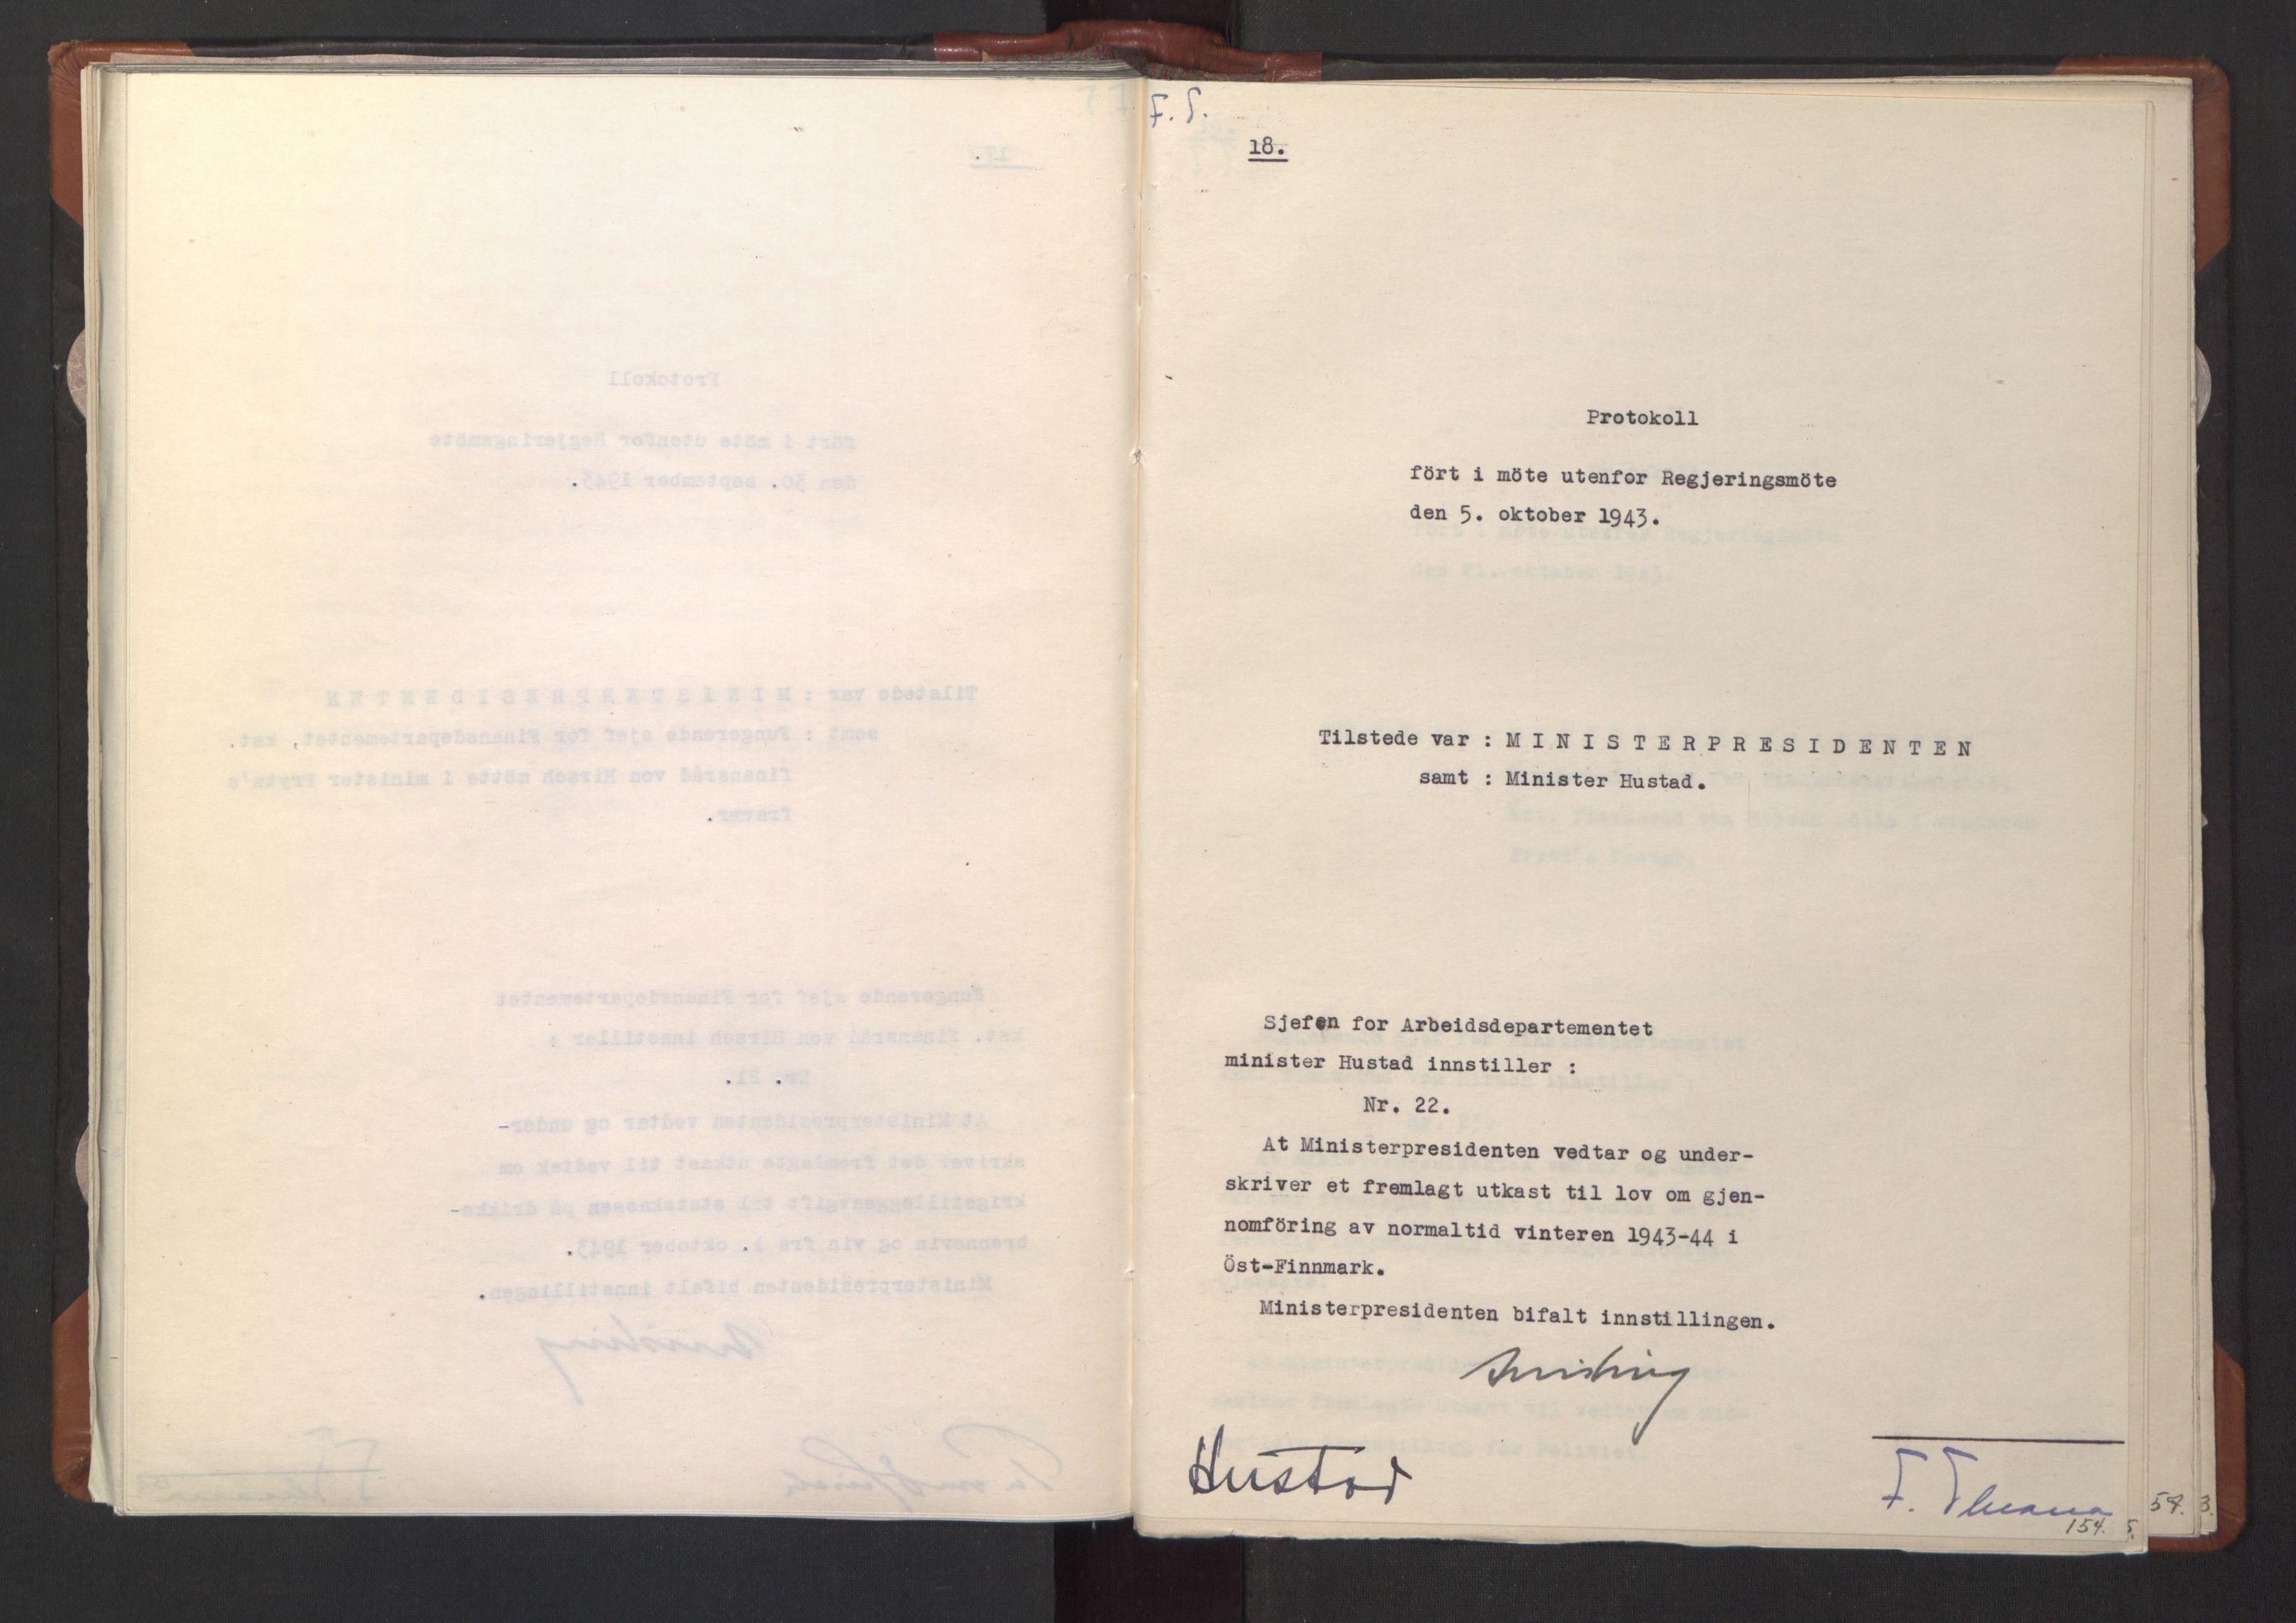 RA, NS-administrasjonen 1940-1945 (Statsrådsekretariatet, de kommisariske statsråder mm), D/Da/L0003: Vedtak (Beslutninger) nr. 1-746 og tillegg nr. 1-47 (RA. j.nr. 1394/1944, tilgangsnr. 8/1944, 1943, s. 153b-154a